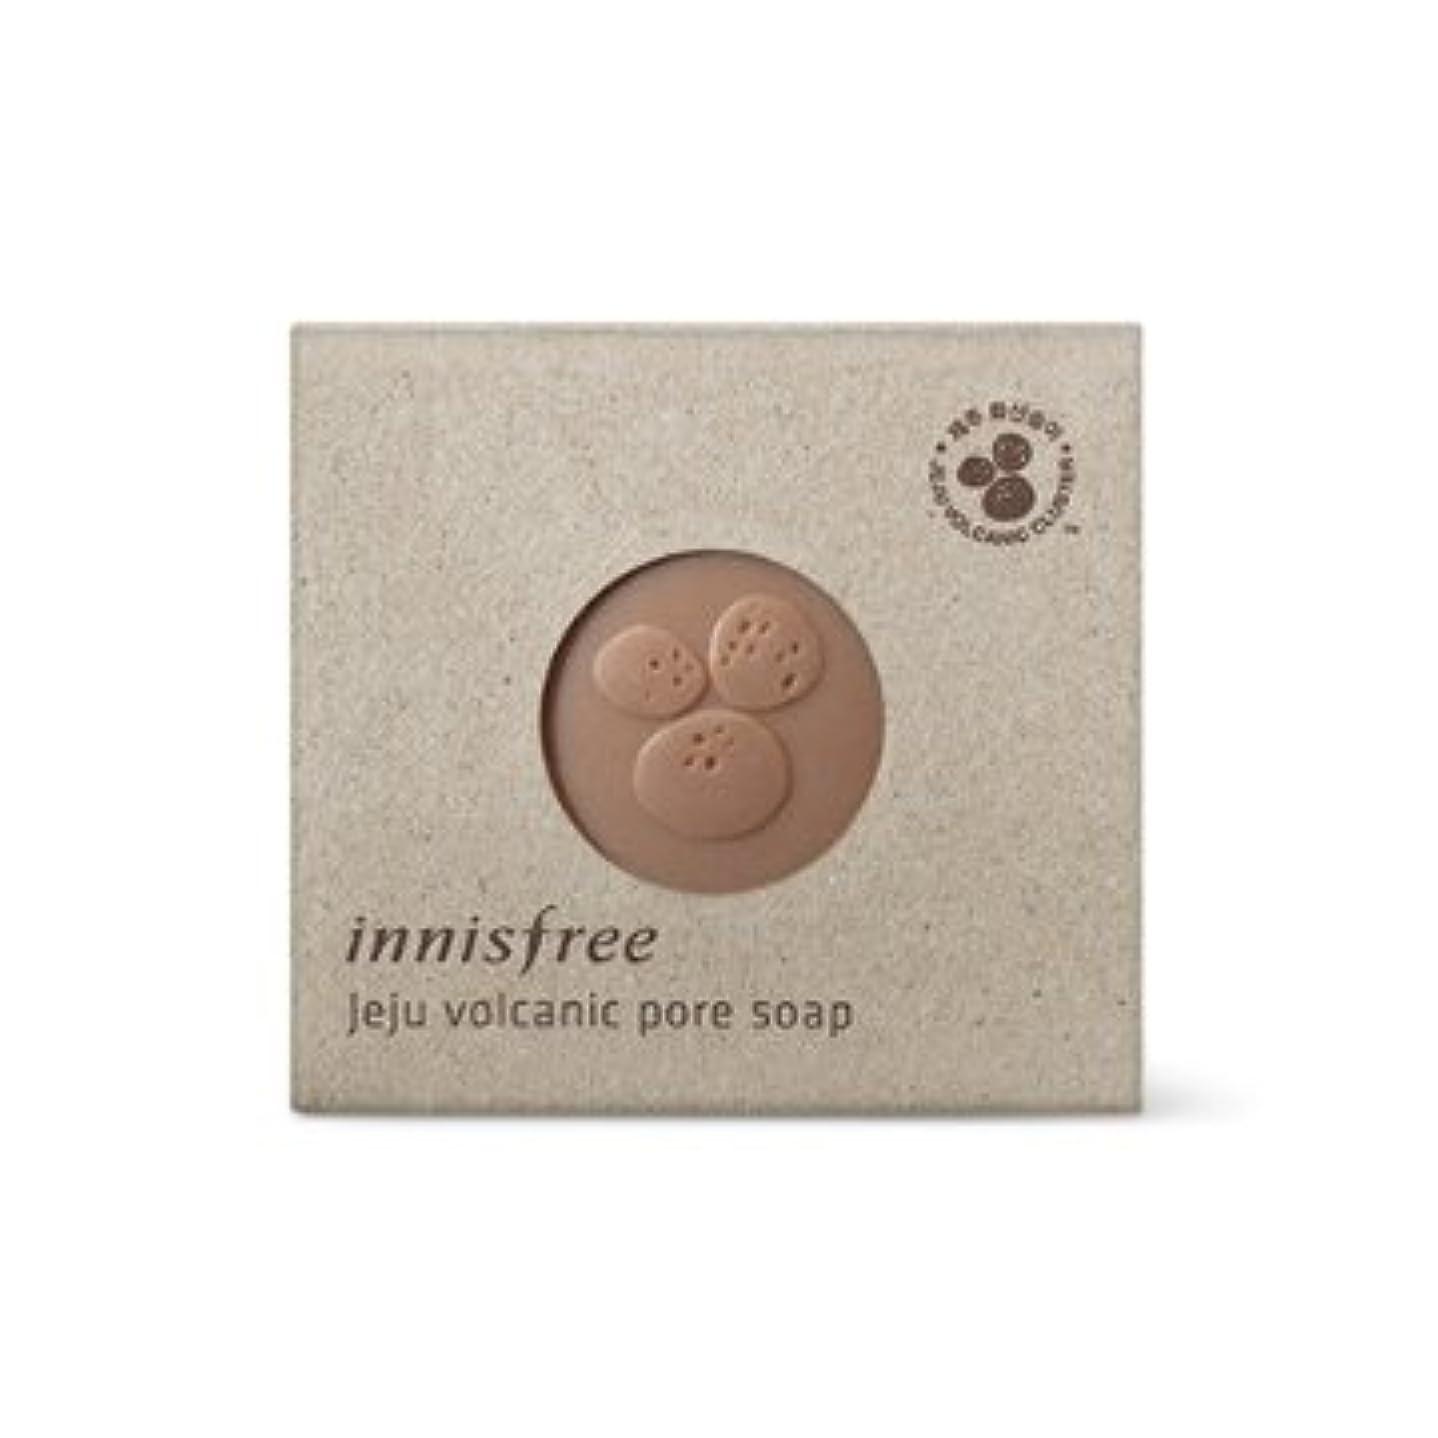 賃金マカダム救出【イニスフリー】Innisfree jeju volcanic pore soap - 100g (韓国直送品) (SHOPPINGINSTAGRAM)